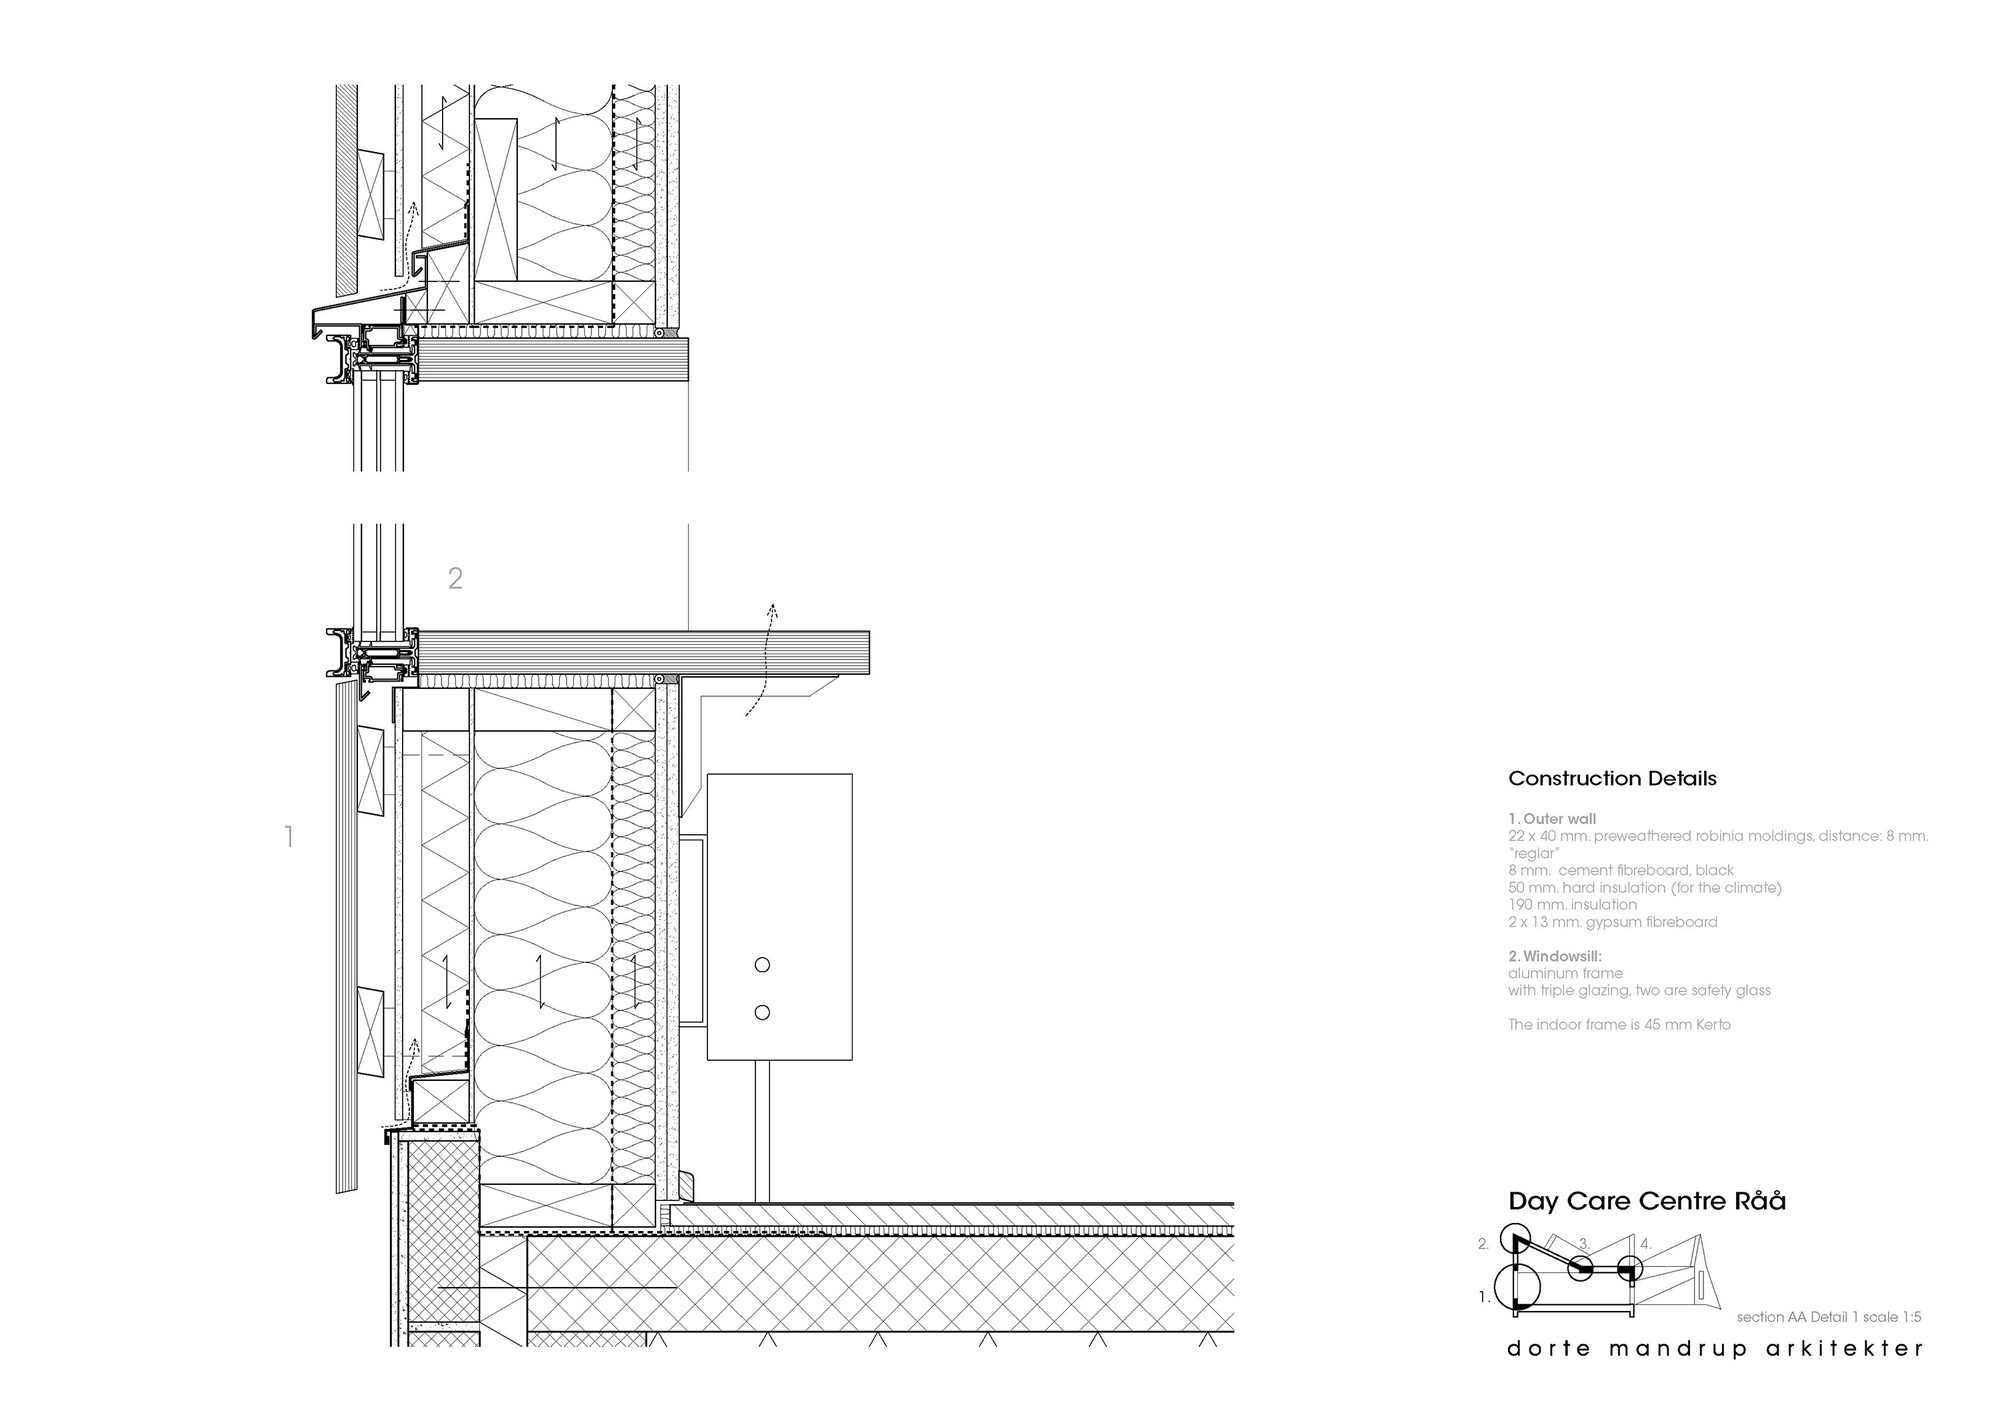 Gallery Of R 229 229 Day Care Center Dorte Mandrup Arkitekter 28